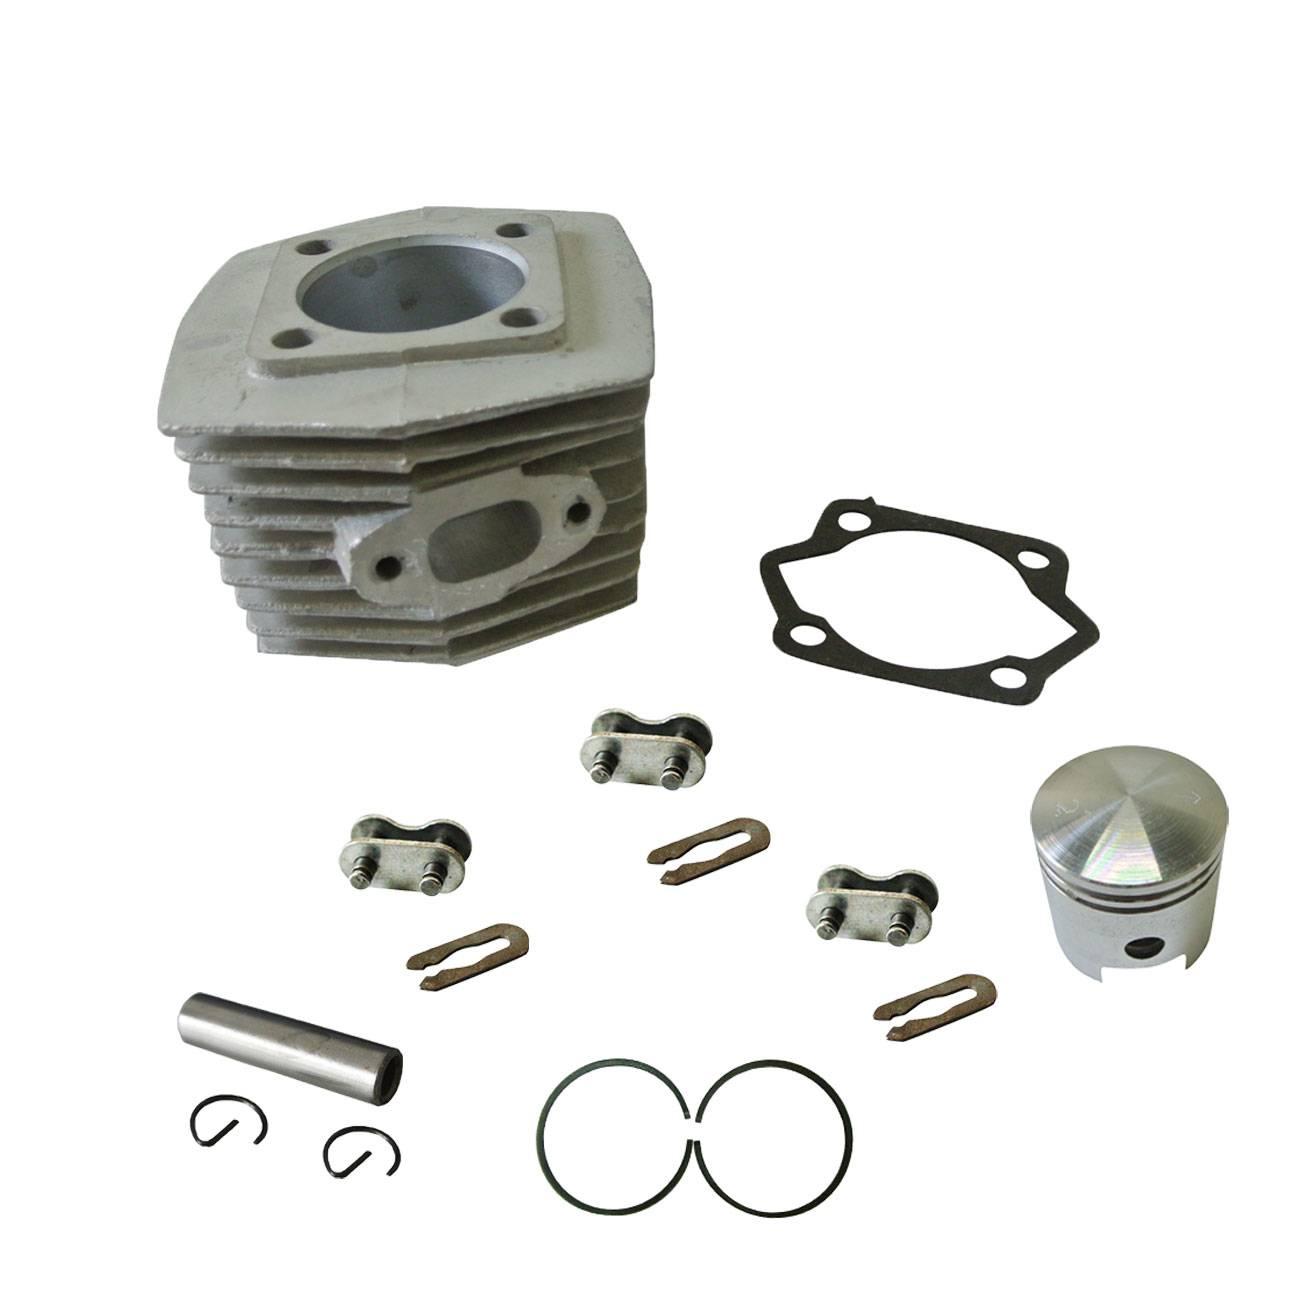 Cylindre et Piston Anneau & Piston & Pin Adapte 66cc 80cc 2 Temps Moteur Motorisé Vélo